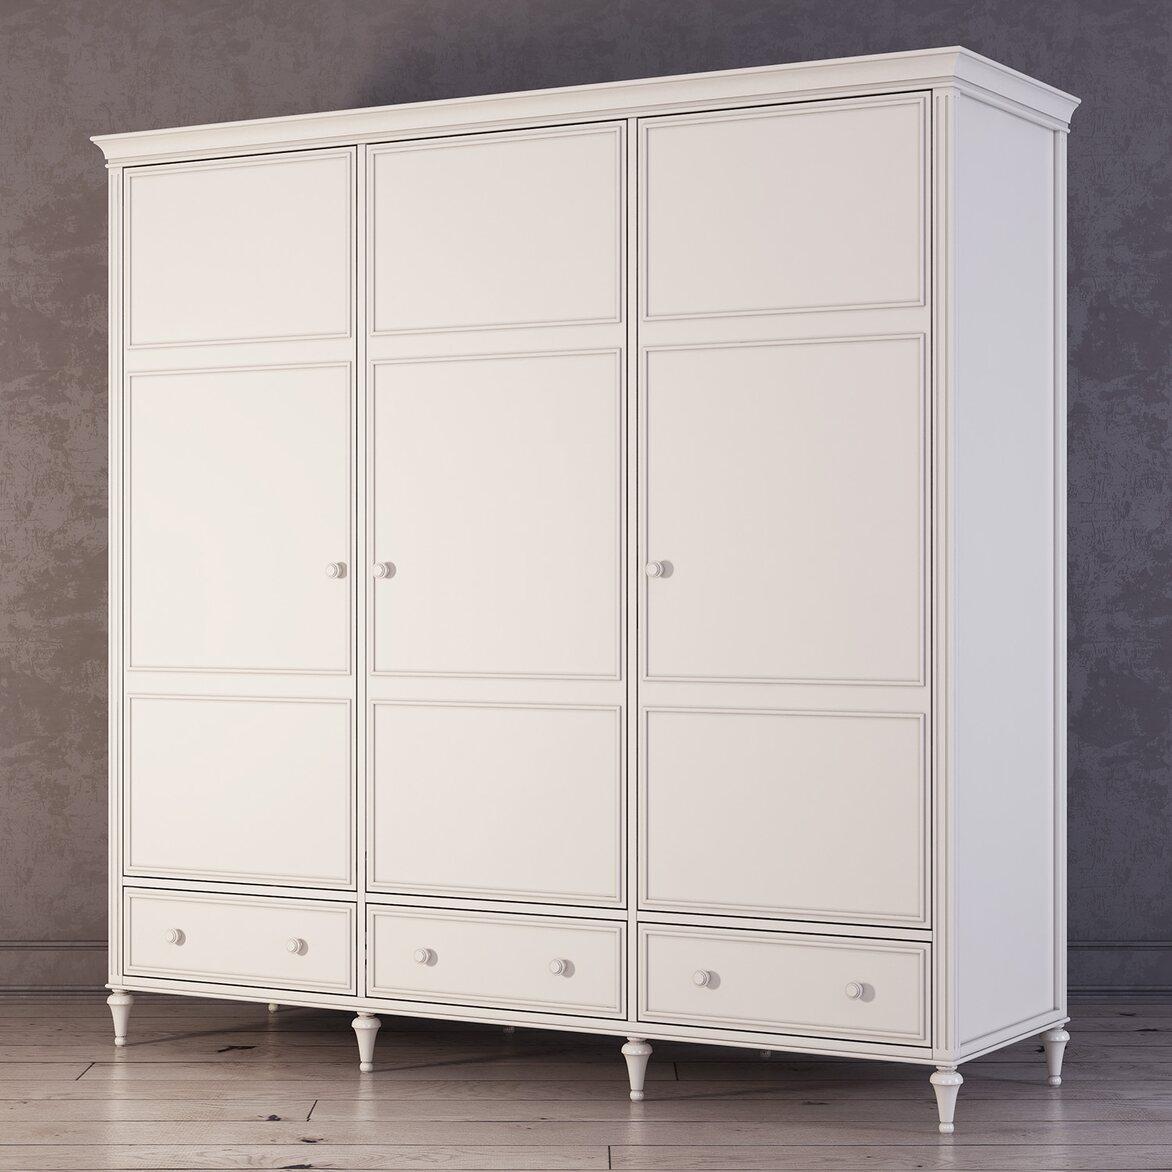 Шкаф трехстворчатый Riverdi 2 | Платяные шкафы Kingsby